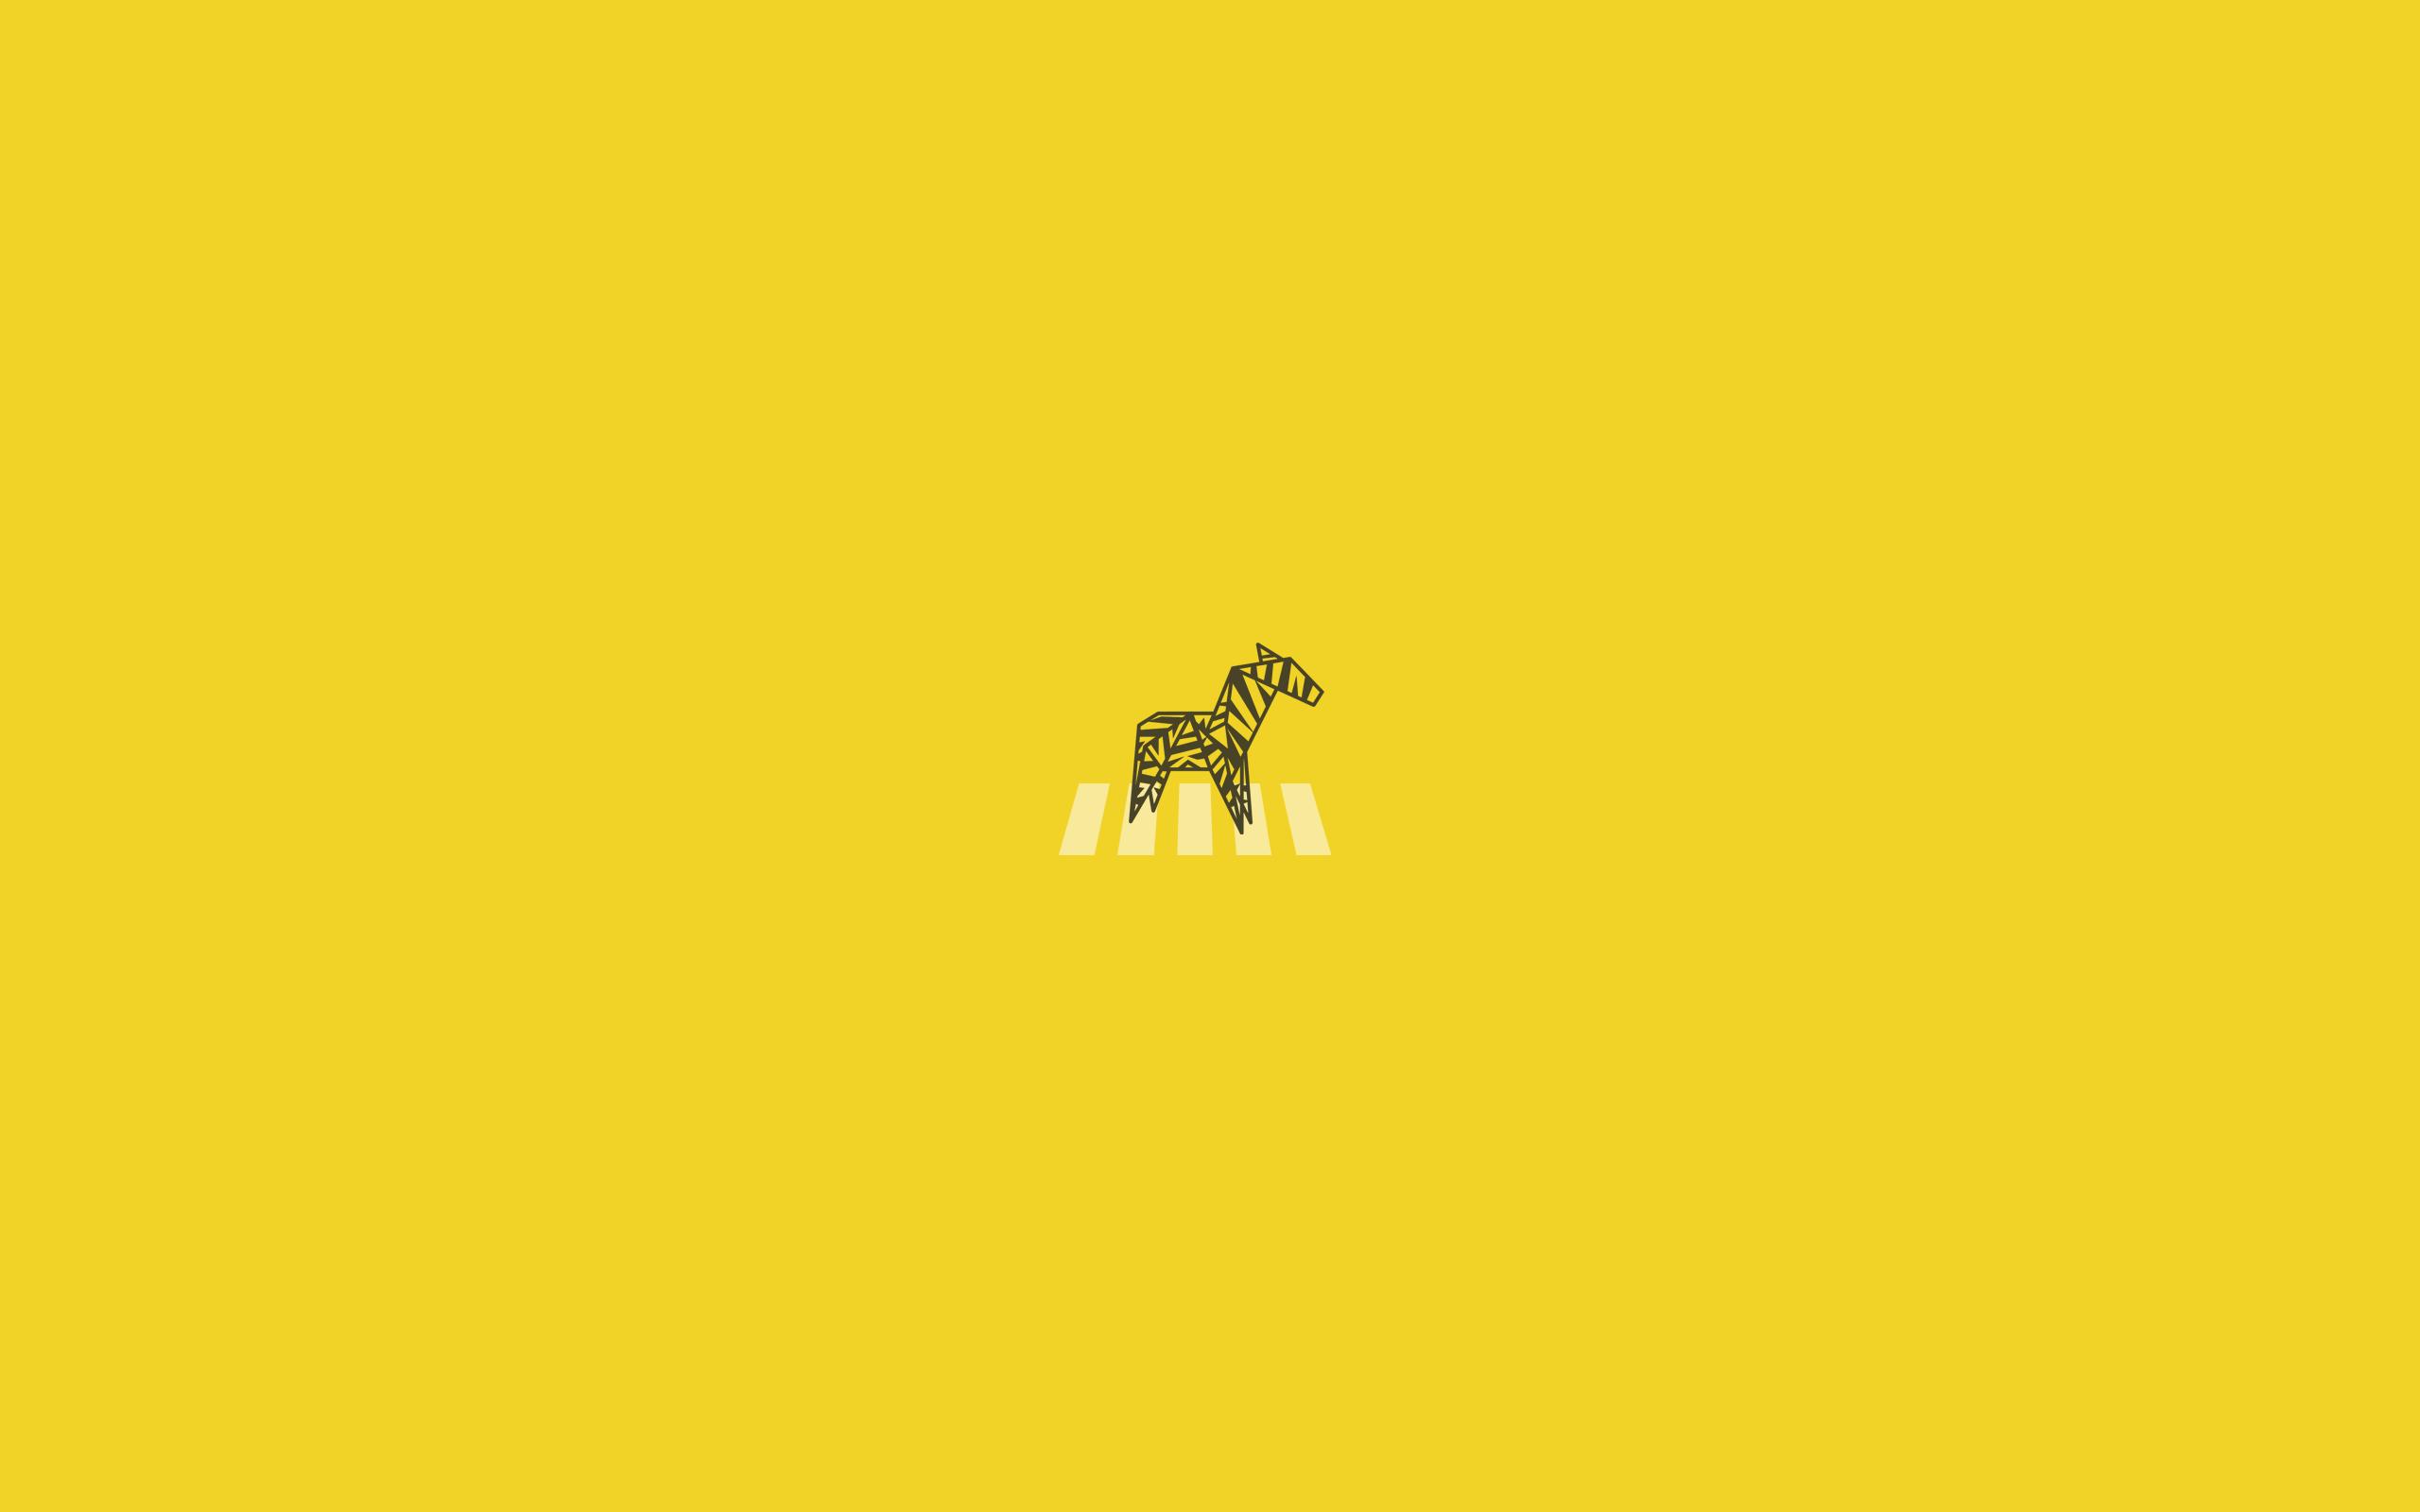 Aesthetic Yellow Desktop Wallpapers Top Free Aesthetic Yellow Desktop Backgrounds Wallpaperaccess